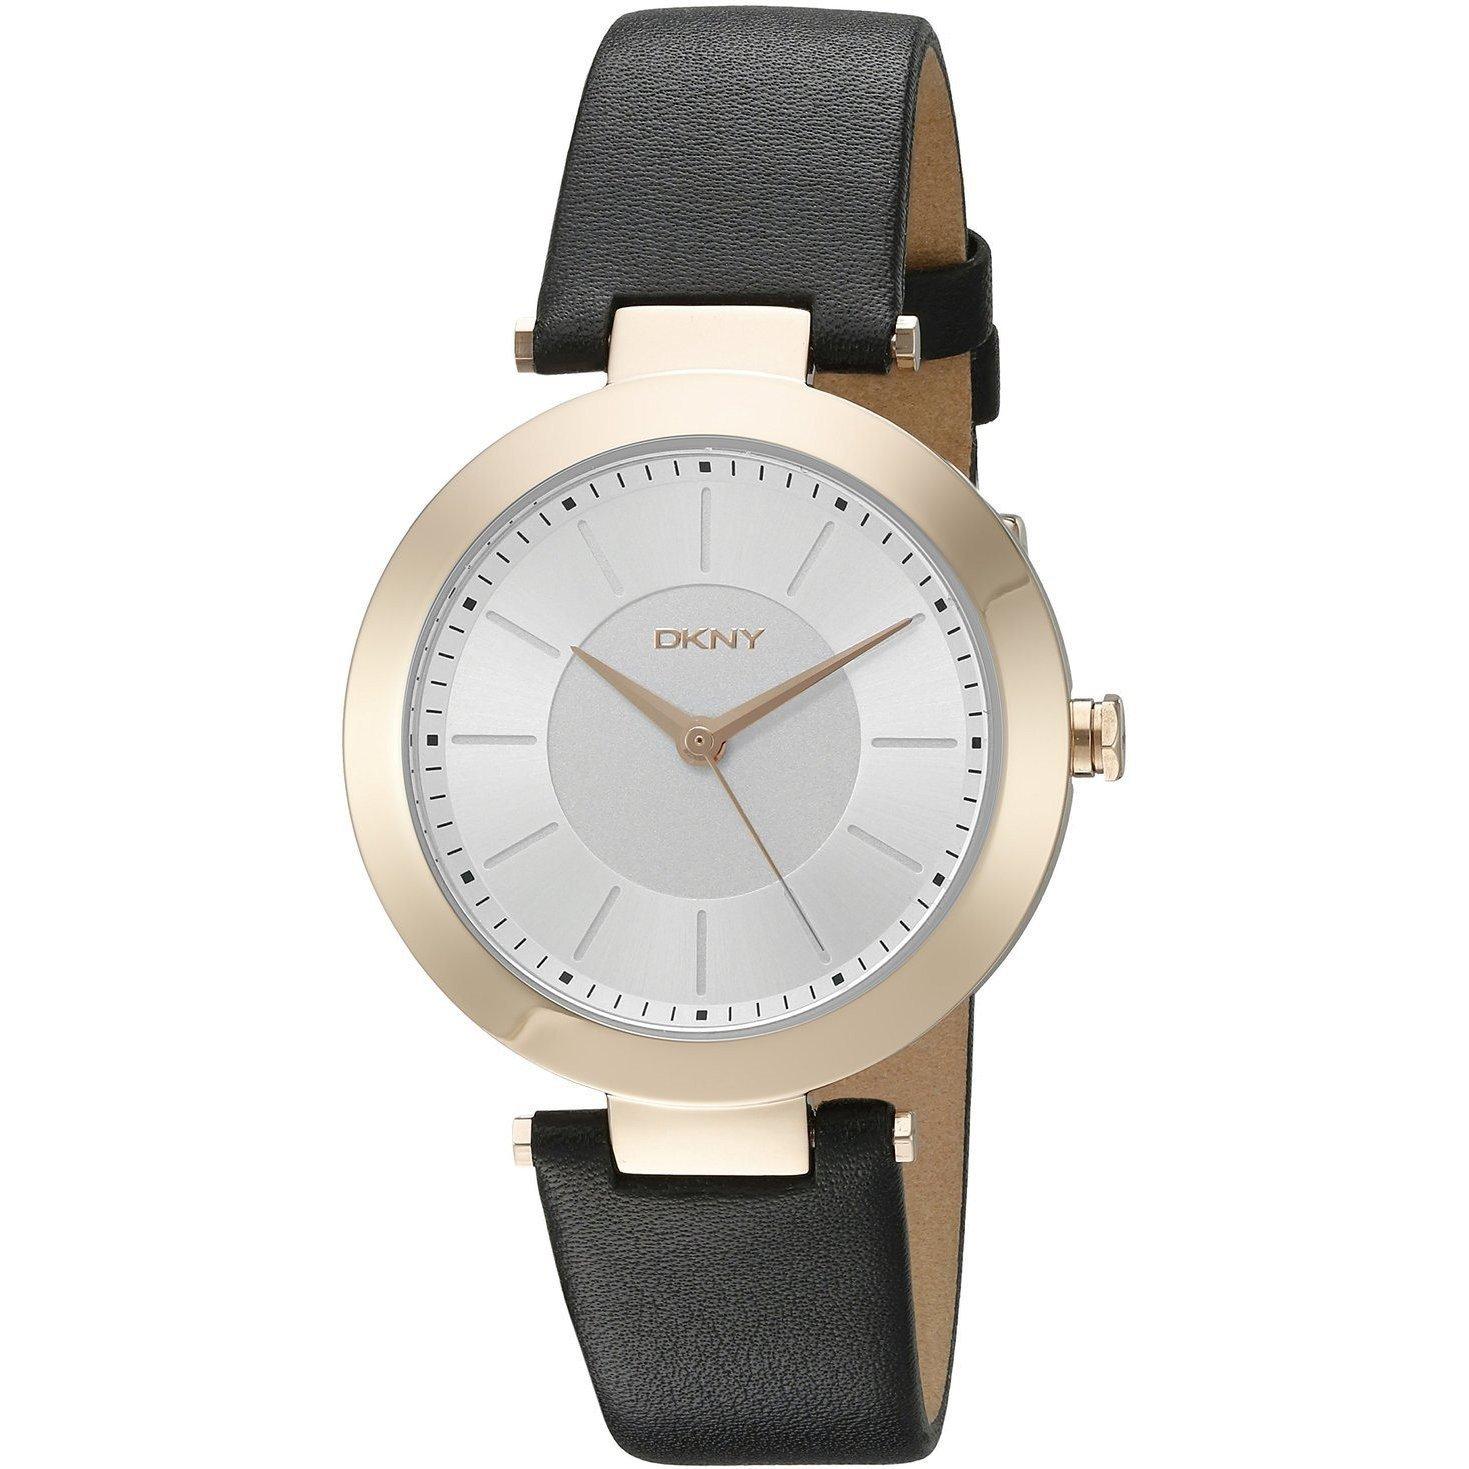 287305d5efc9 Часы DKNY NY2468 купить часы Донна Каран NY 2468 в Киеве, Харькове ...